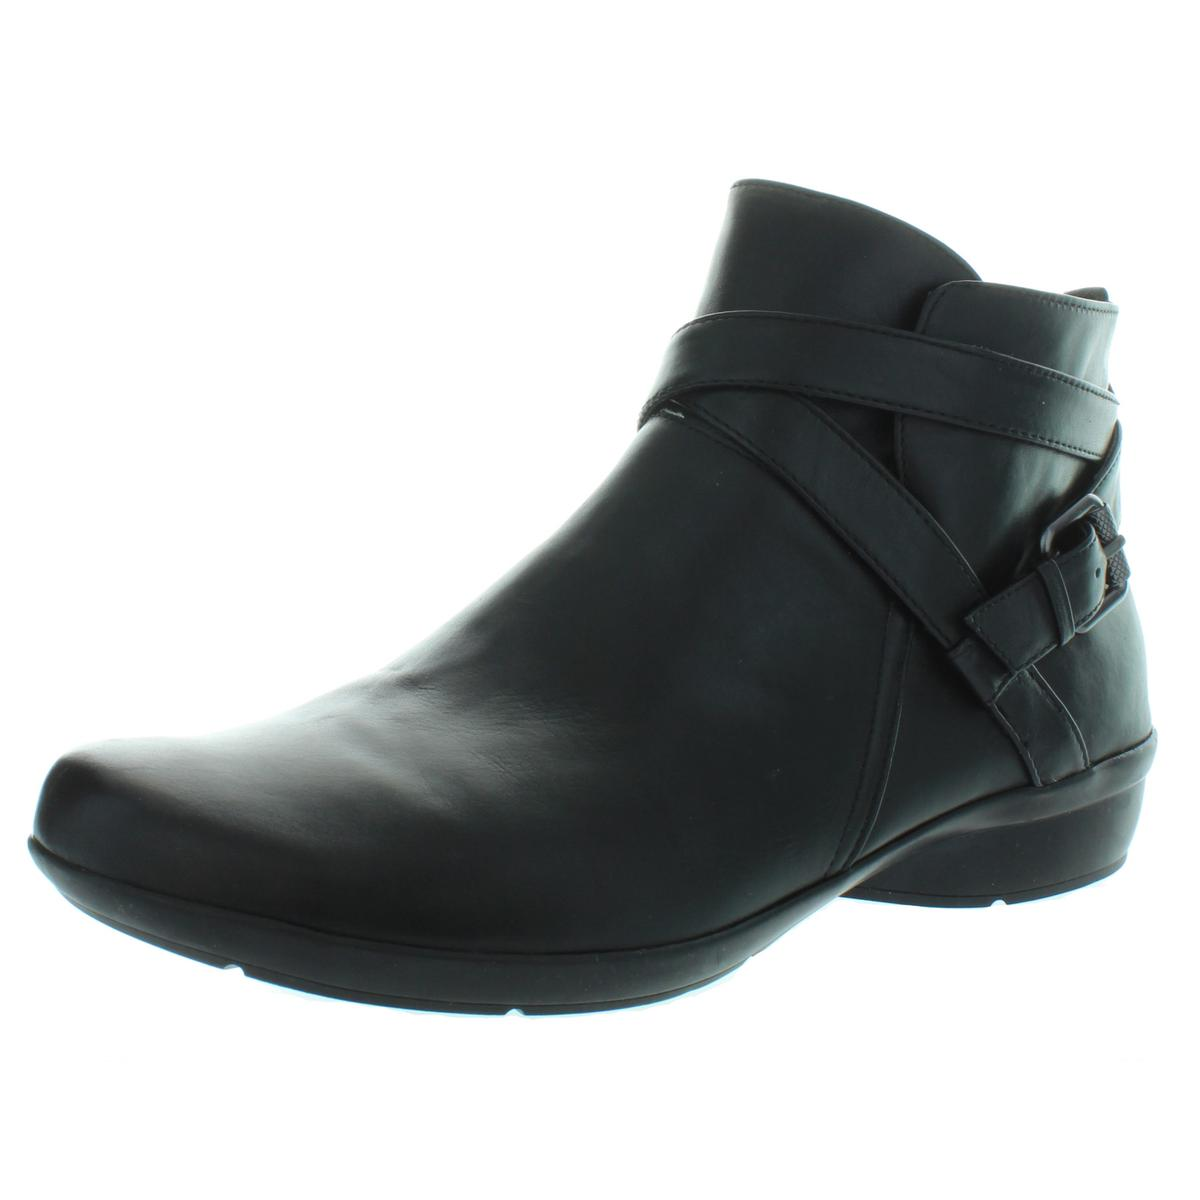 Array Womens Austin Black Suede Ankle Boots Shoes 10 Wide C,D,W BHFO 5485